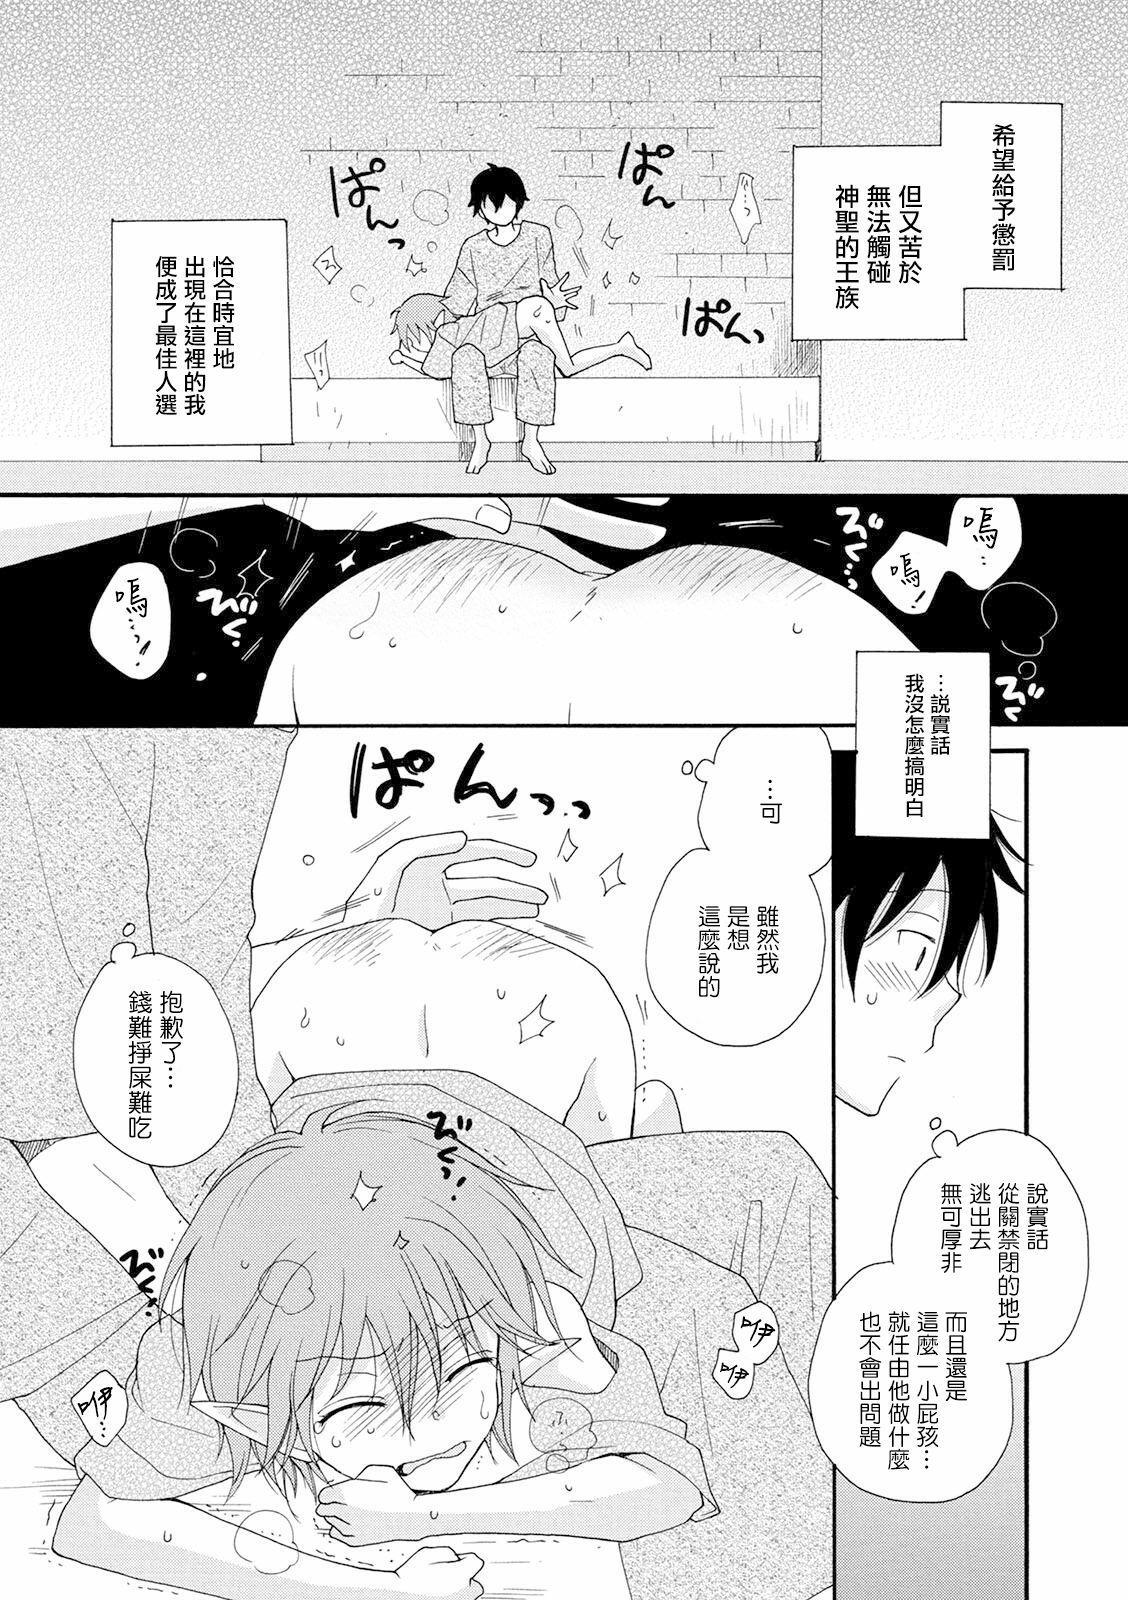 Shiawase no Tamago 11